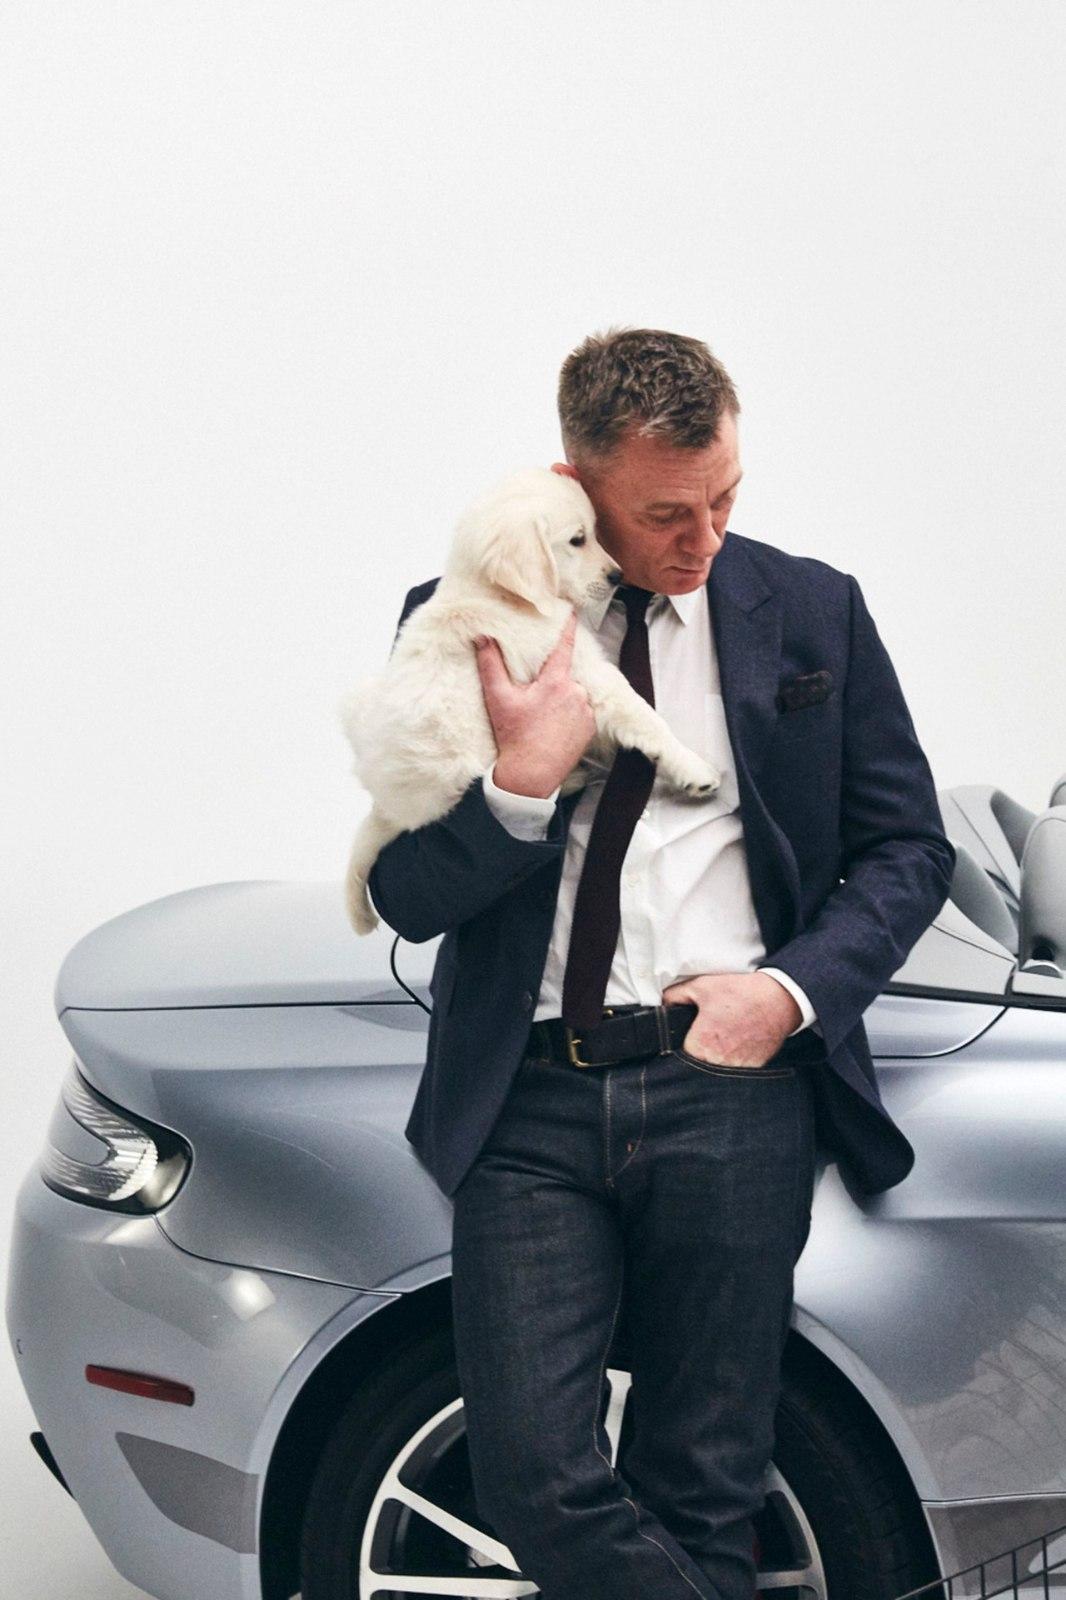 f4b9be5b50f MIDAGI NAISTELE! Karm Bond Daniel Craig poseerib koos kutsikatega | Õhtuleht